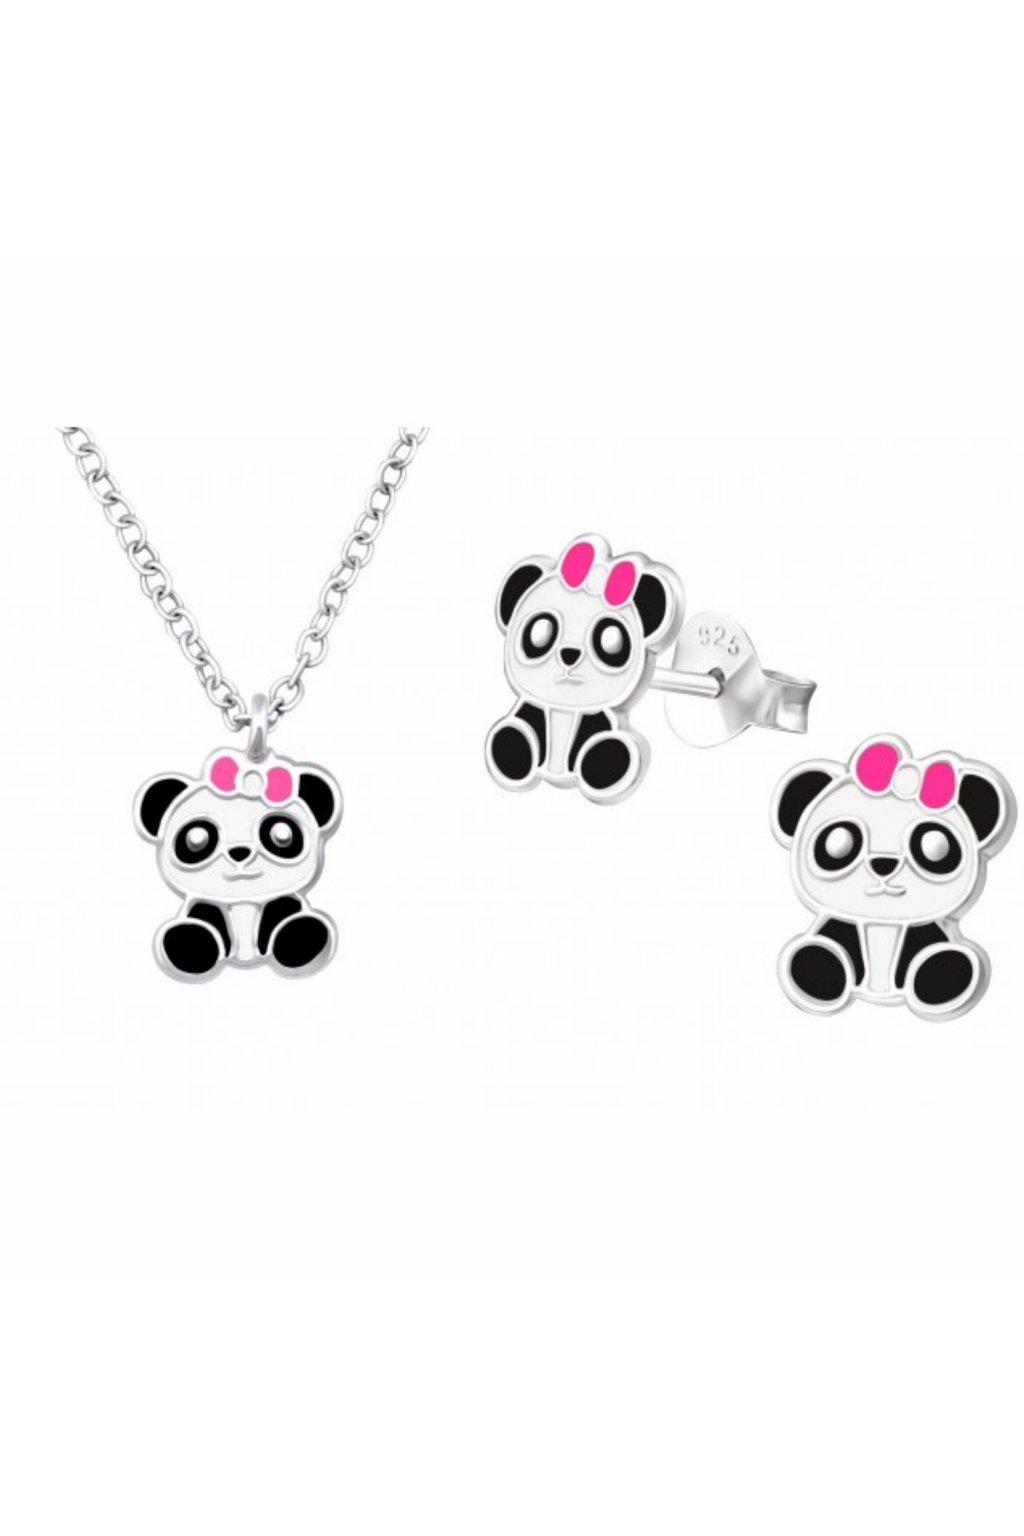 Stříbrný dětský set panda - náušnice, náhrdelník